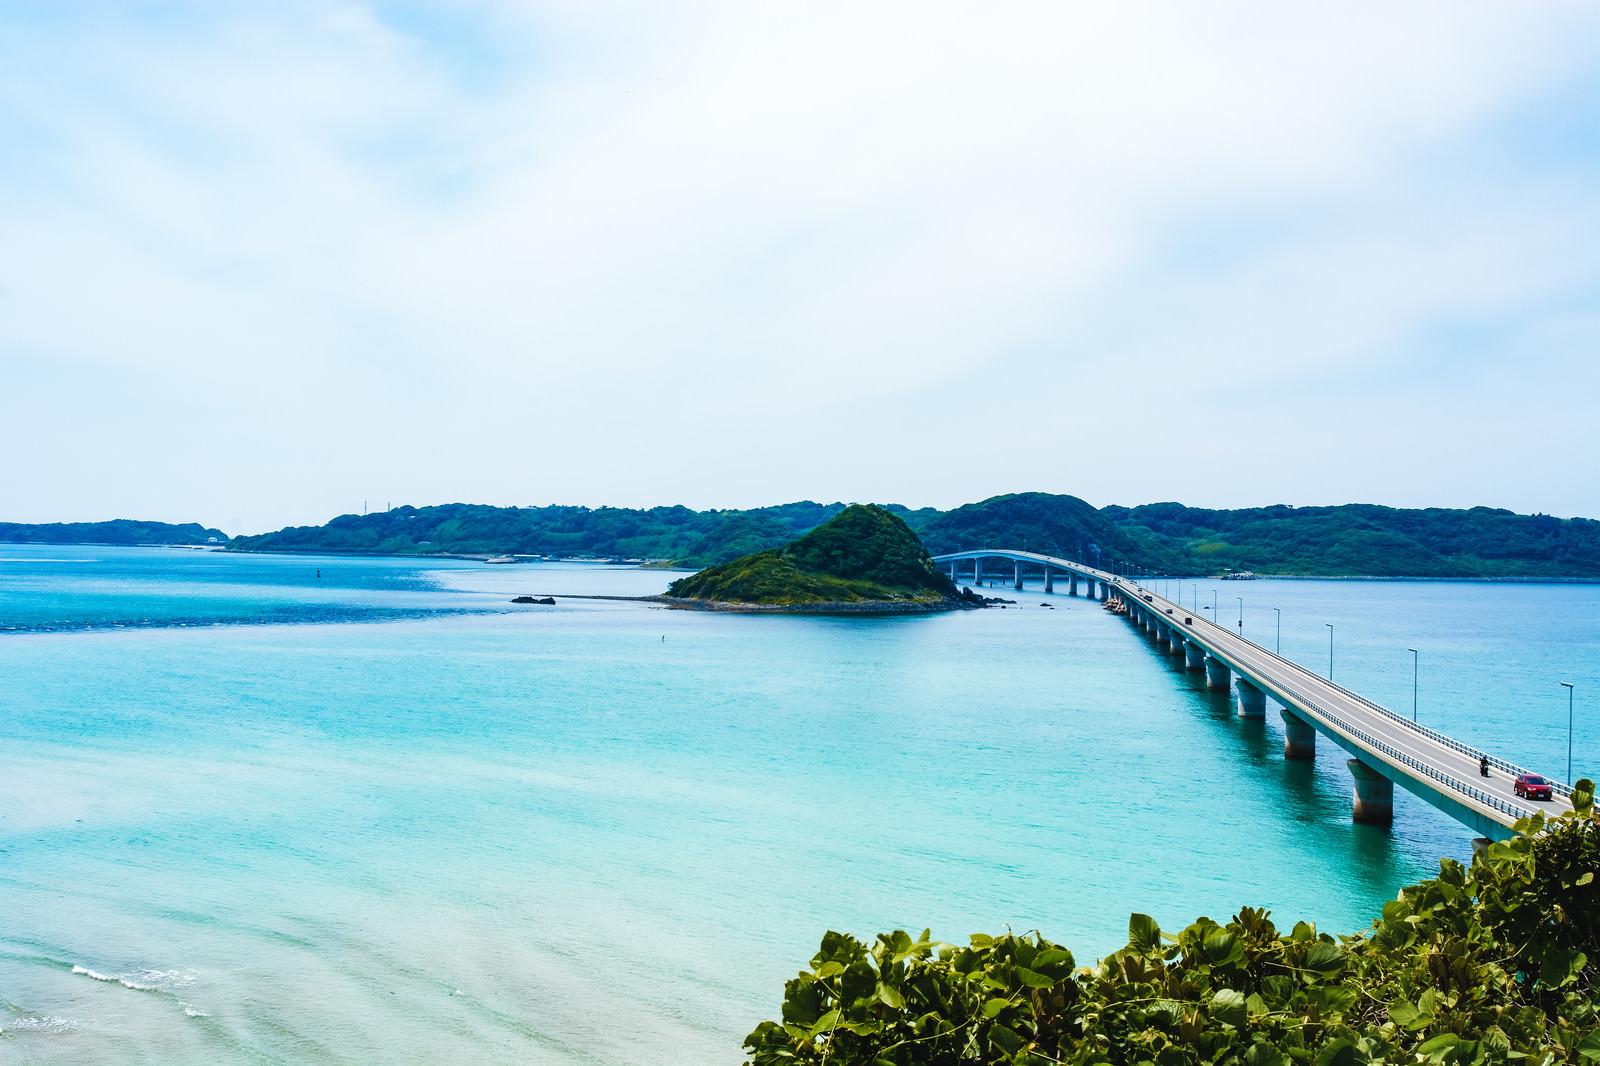 「南側展望台より眺める角島大橋」の写真